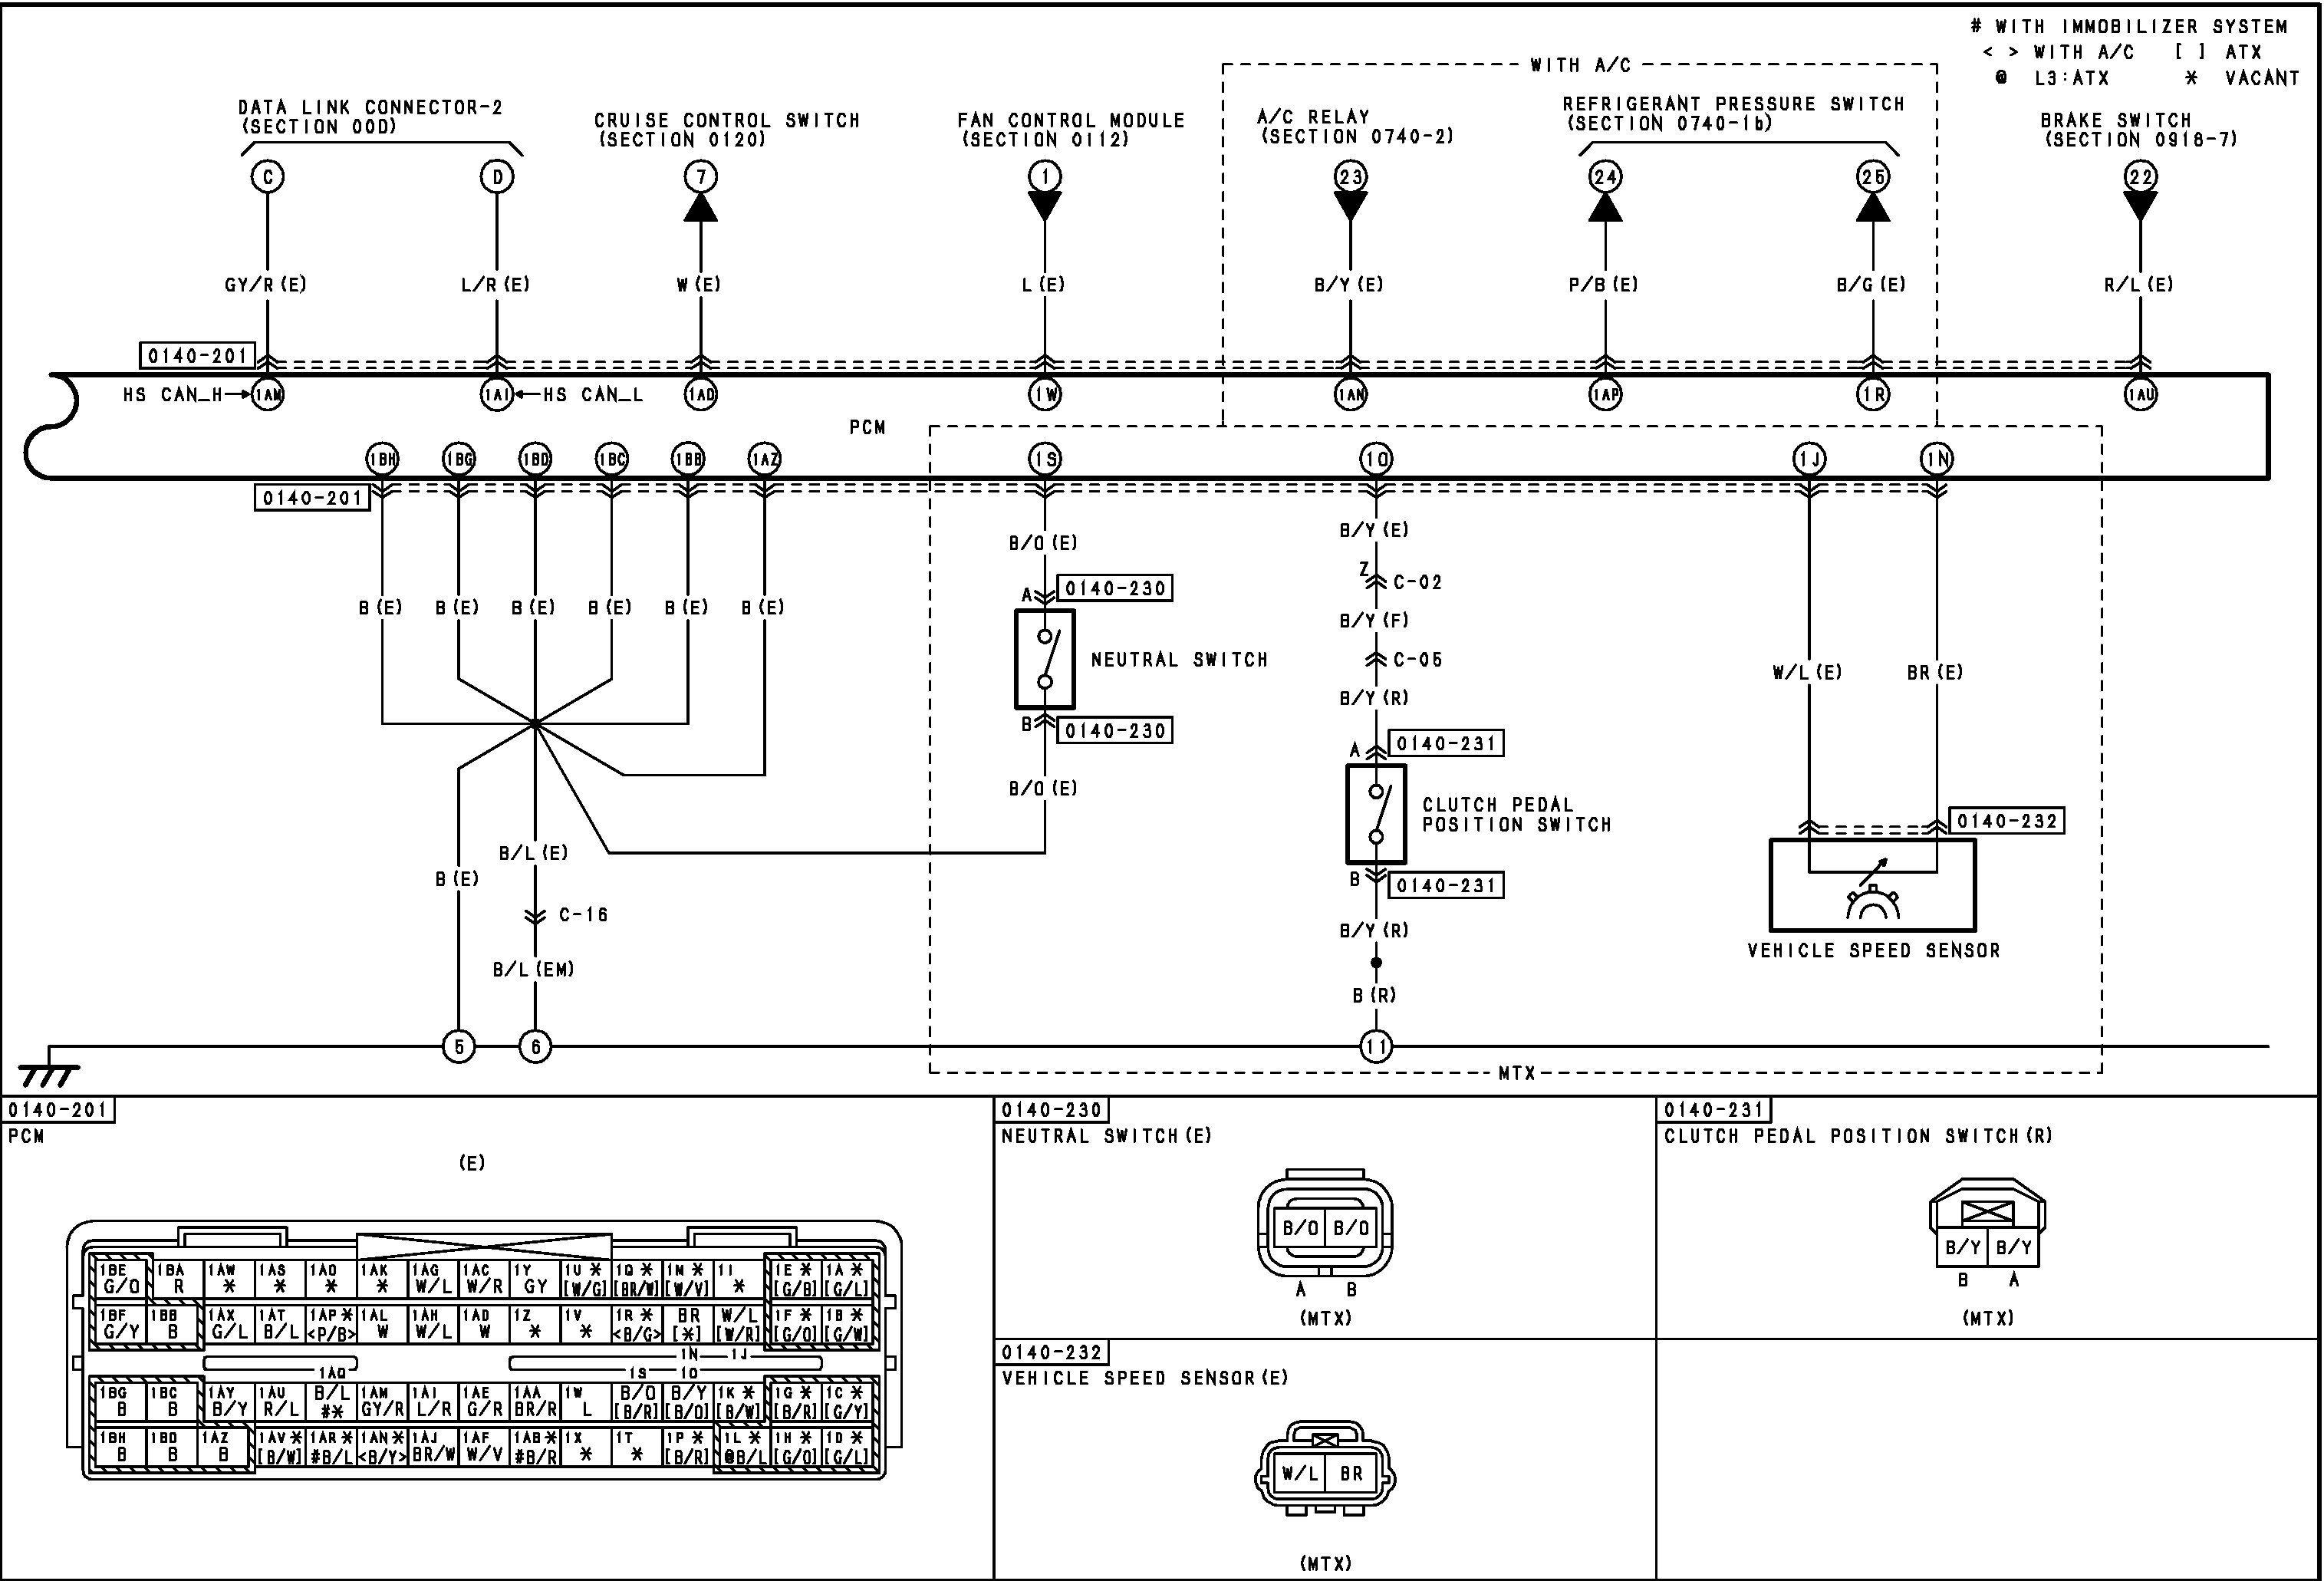 mazda navigation wiring diagram mazda wiring diagram